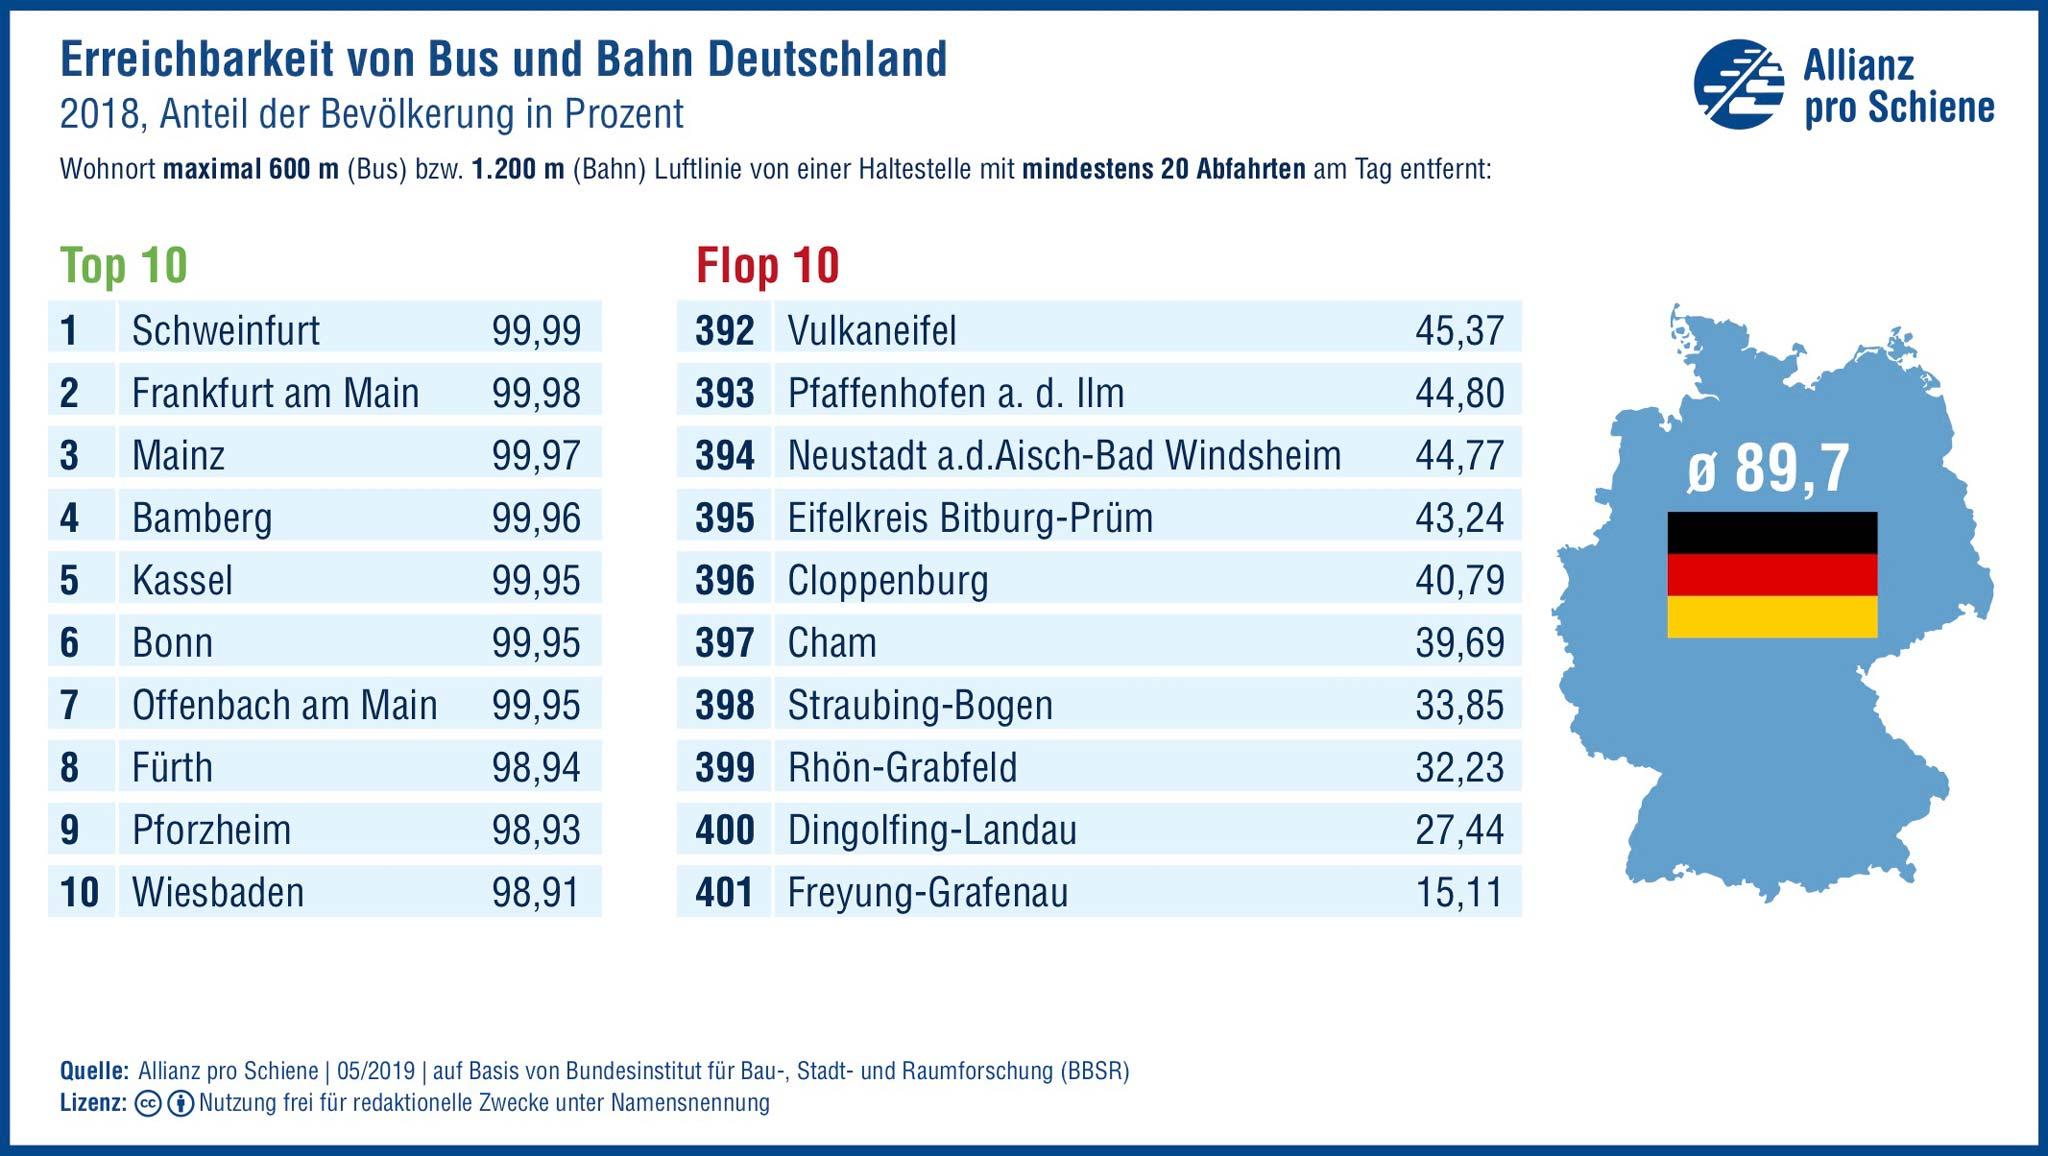 Erreichbarkeit von Bus und Bahn in Deutschland. Quelle Grafik: Allianz pro Schiene | 05/2019 | auf Basis von Bundesinstitut für Bau-, Stadt- und Raumforschung (BBSR)